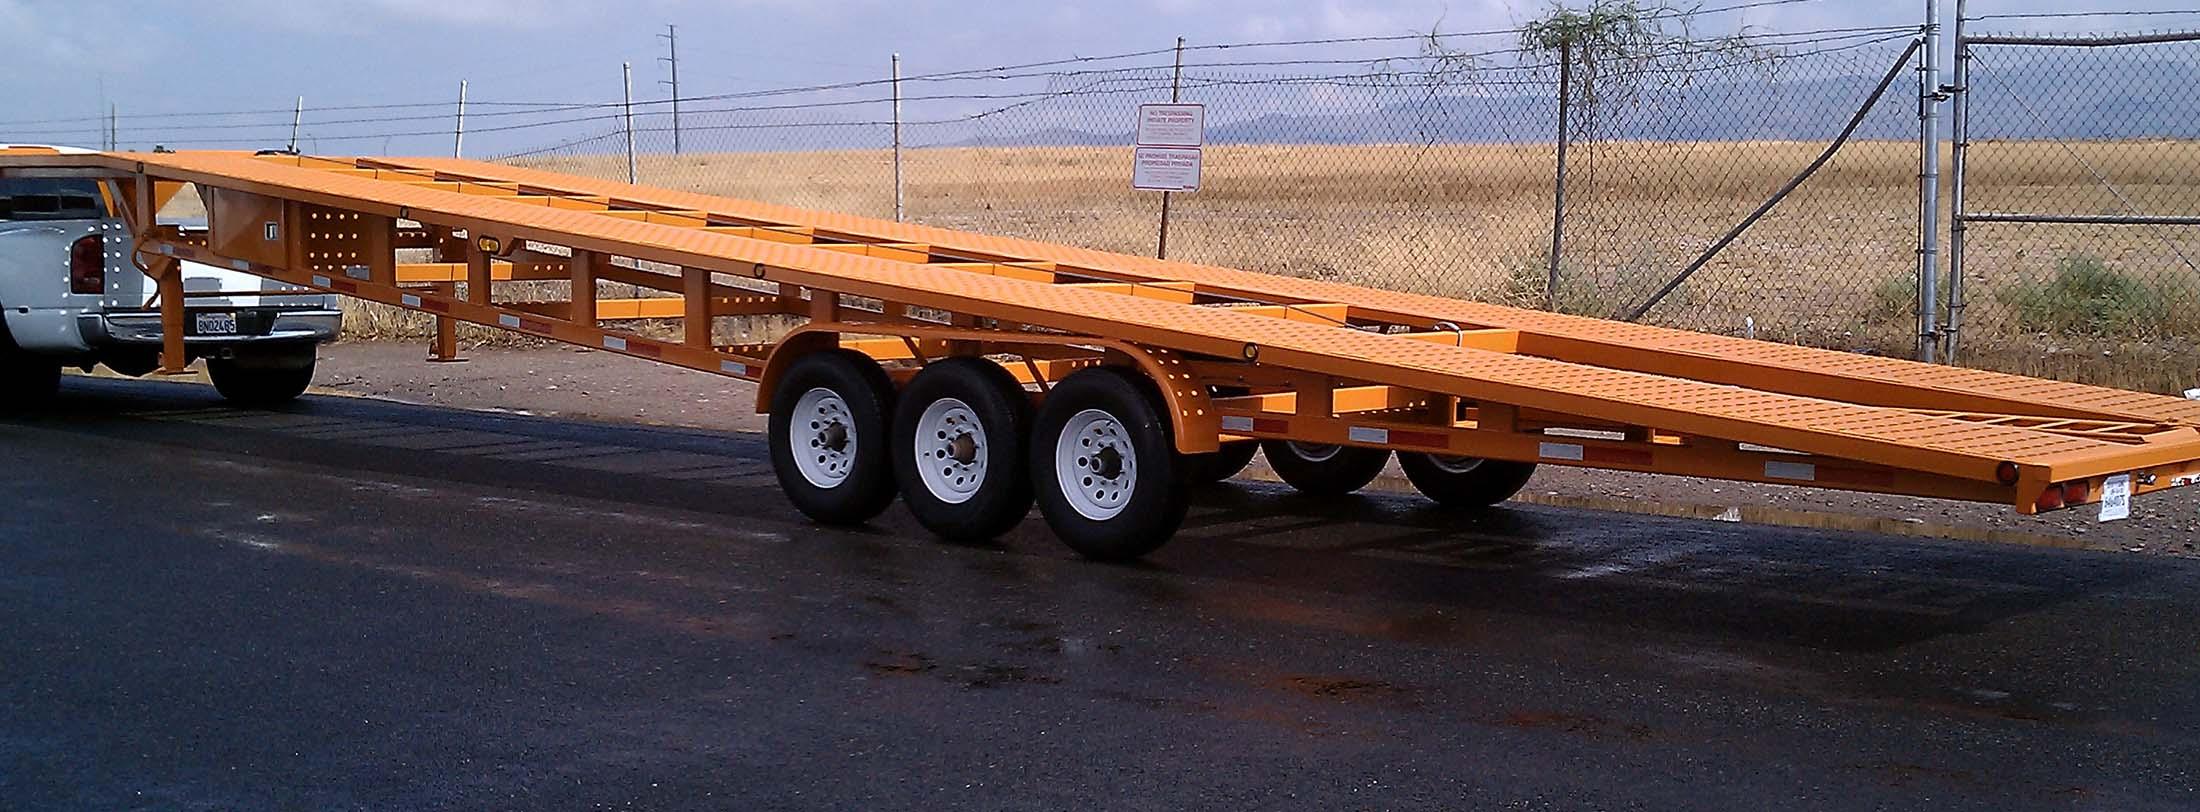 homepage-sliders_0004_3-car-hauler-48-53-wedge